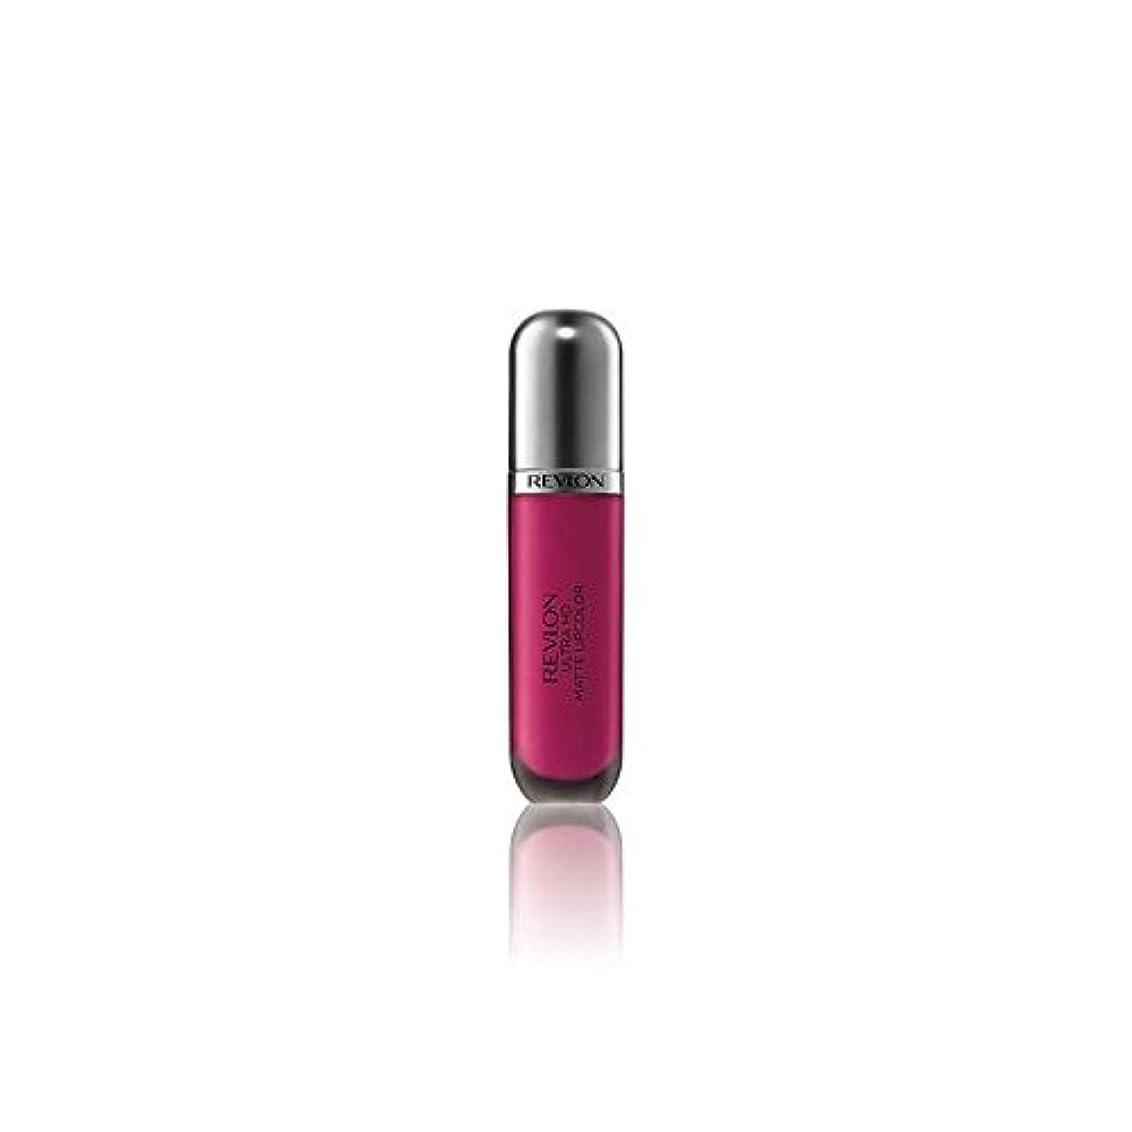 発信値する即席レブロンウルトラマット口紅中毒5.9ミリリットル x4 - Revlon Ultra HD Matte Lipstick Addiction 5.9ml (Pack of 4) [並行輸入品]